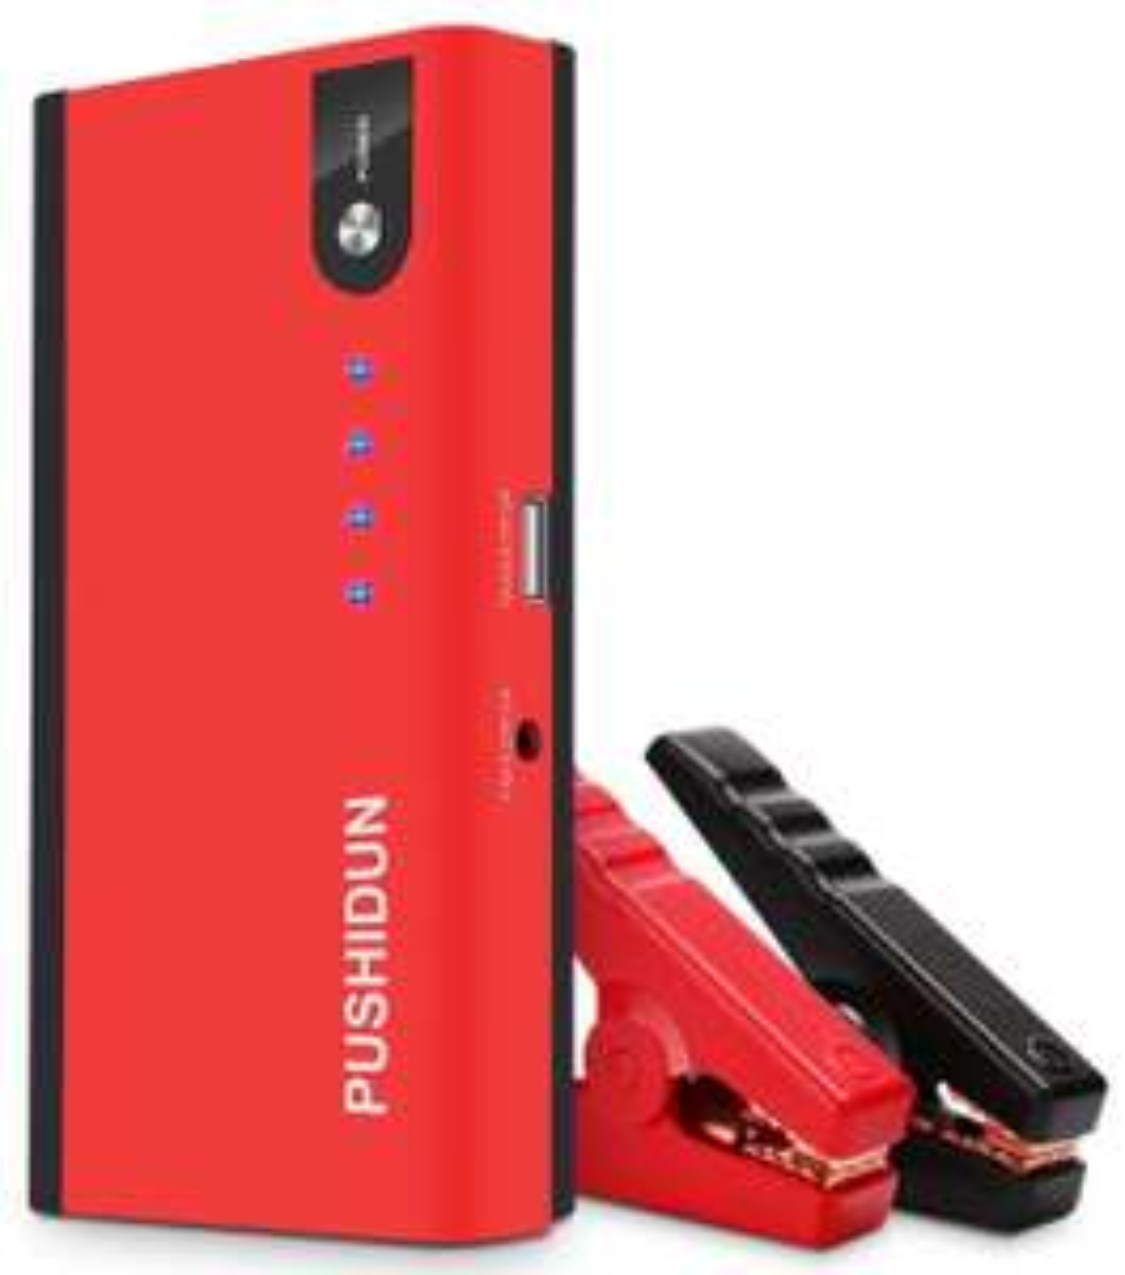 Booster de Batteries PushDun avec Pinces Alligator - 12000mAh / 500A + Kit de Conversion Car LED Phare P10-H11 (Vendeur Tiers)